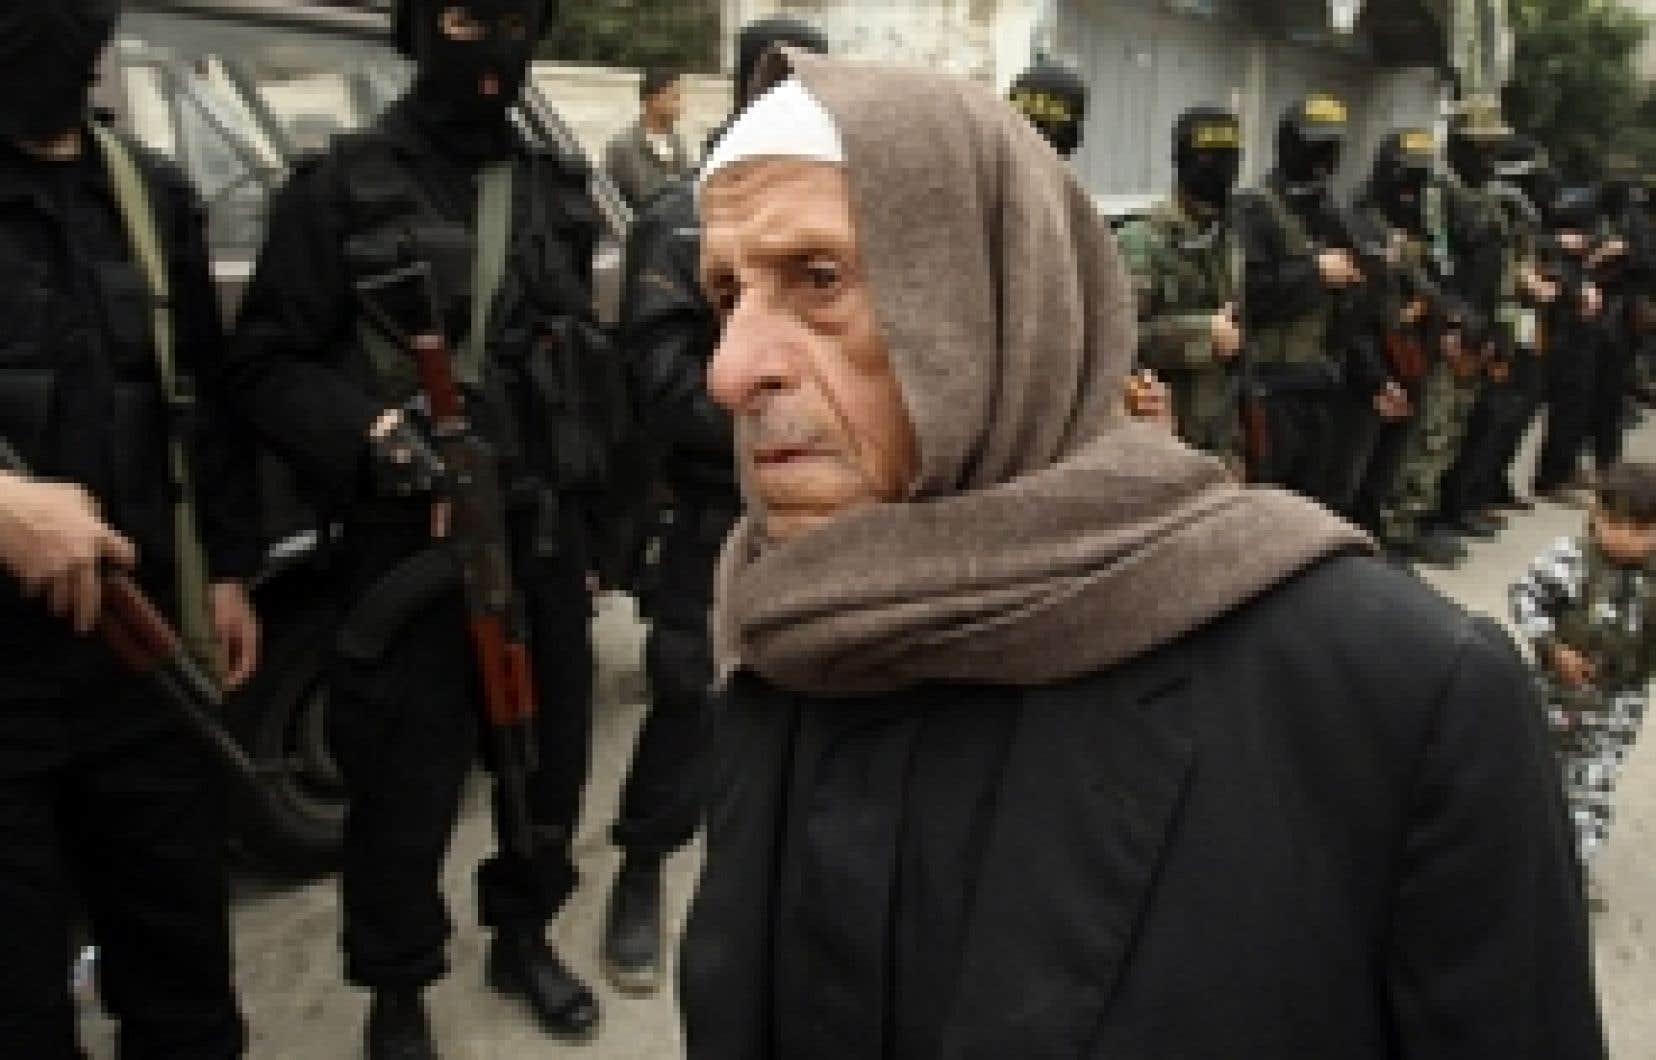 Ce Palestinien semblait perdu lors d'une manifestation anti-israélienne hier à Gaza.